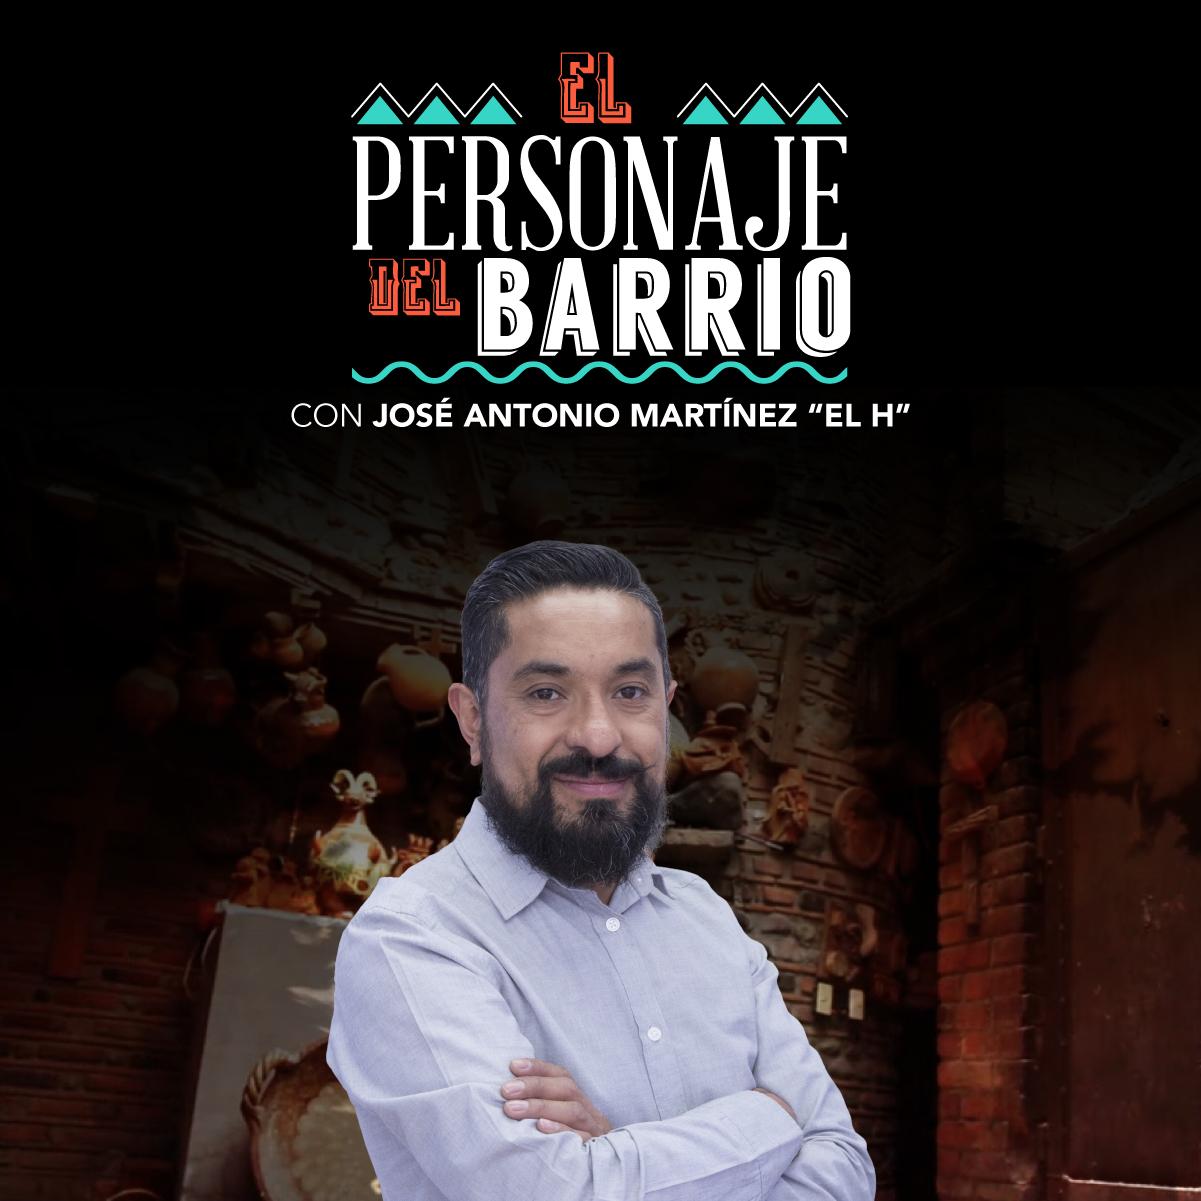 """El Personaje del Barrio con José Antonio Martínez """"El H"""""""